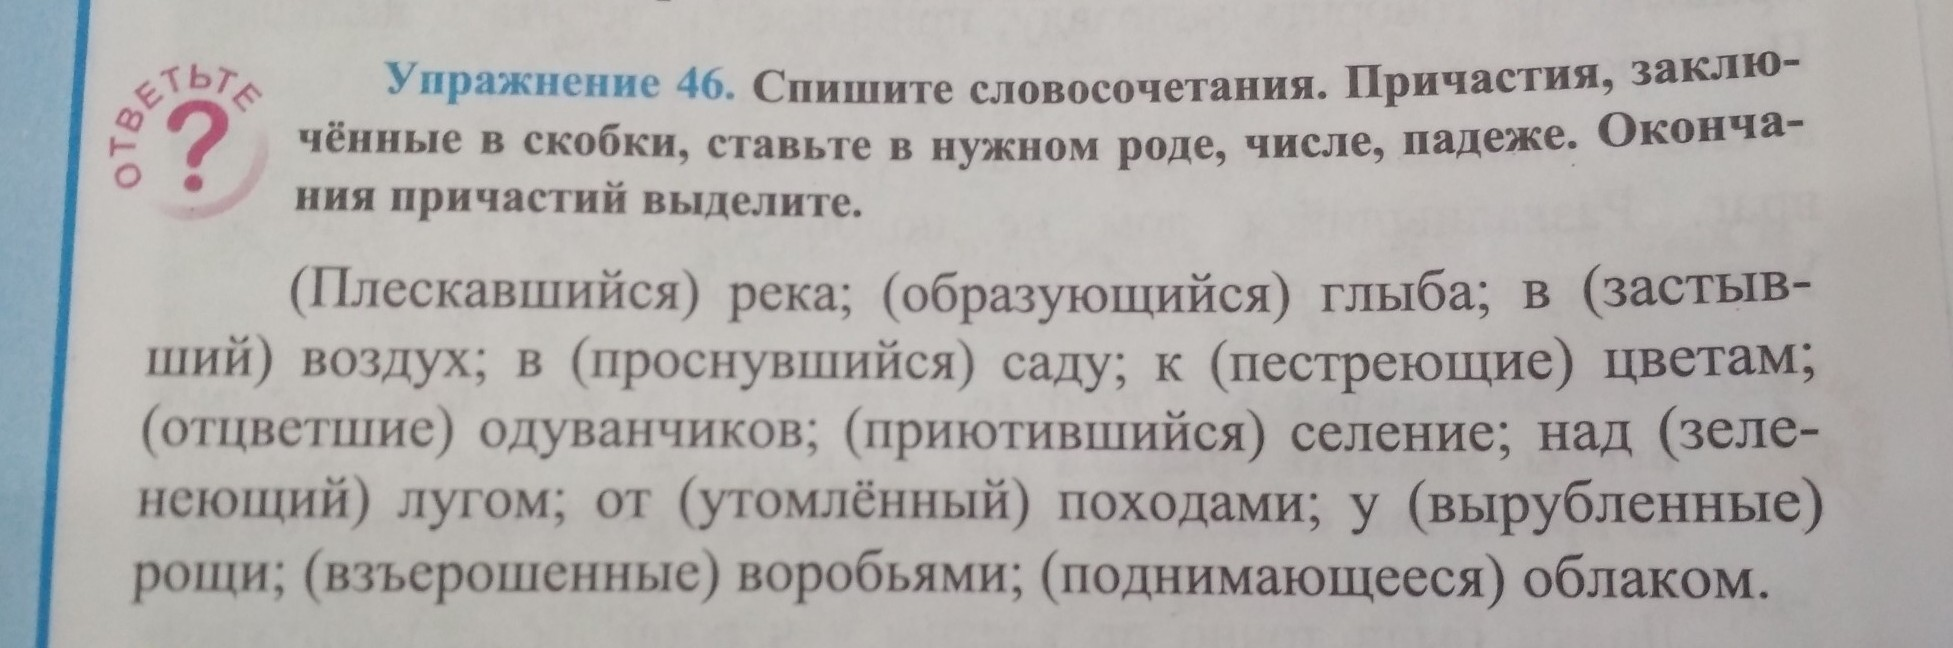 русский язык 7 класс рожнова гдз